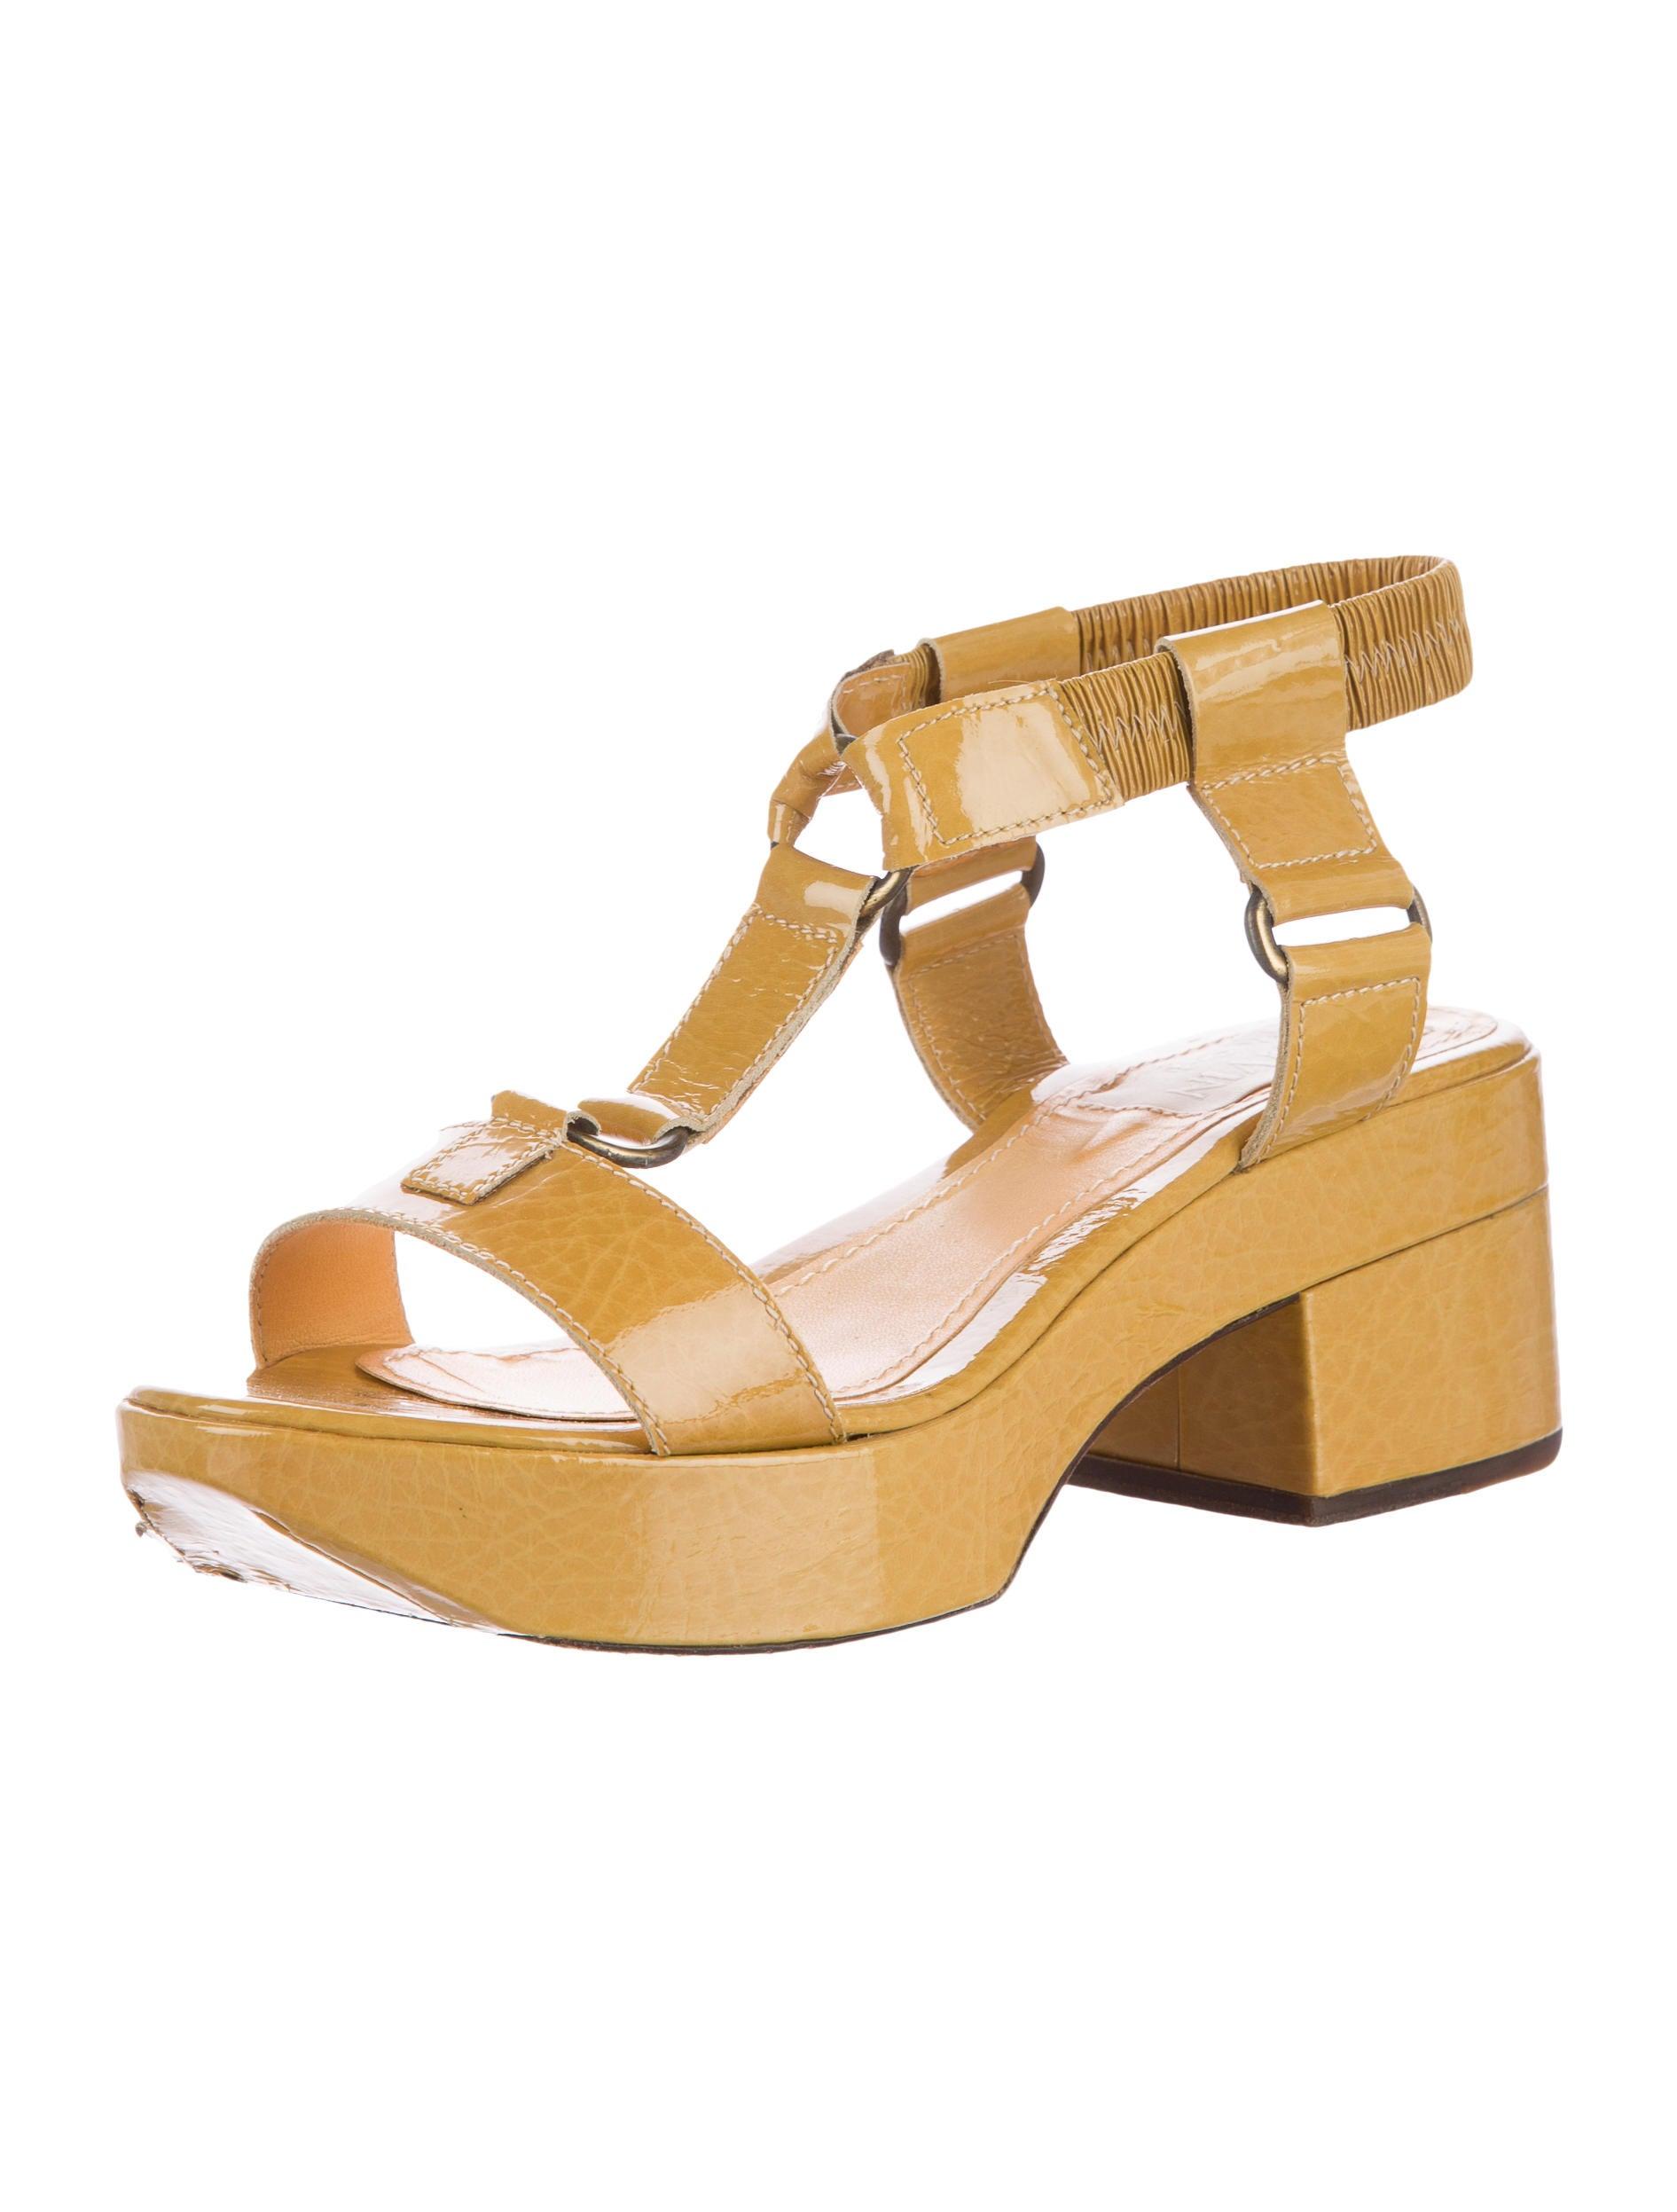 lanvin patent leather platform sandals shoes lan46585